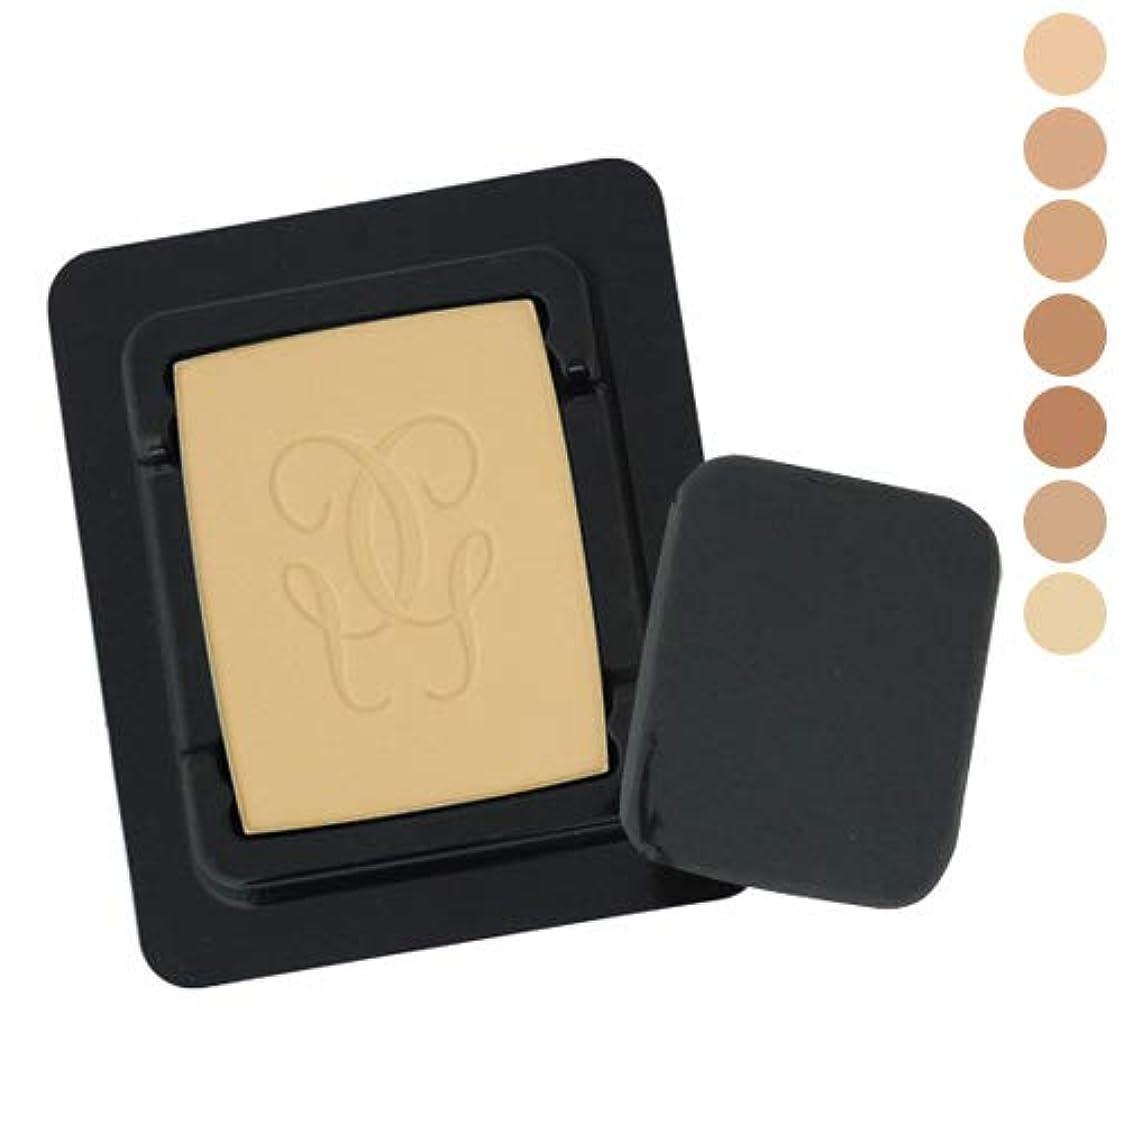 有用容器ペイントゲラン GUERLAIN パリュール ゴールド コンパクト SPF15 PA++ 【詰め替え用】 【並行輸入品】 02 Beige Clair (在庫)